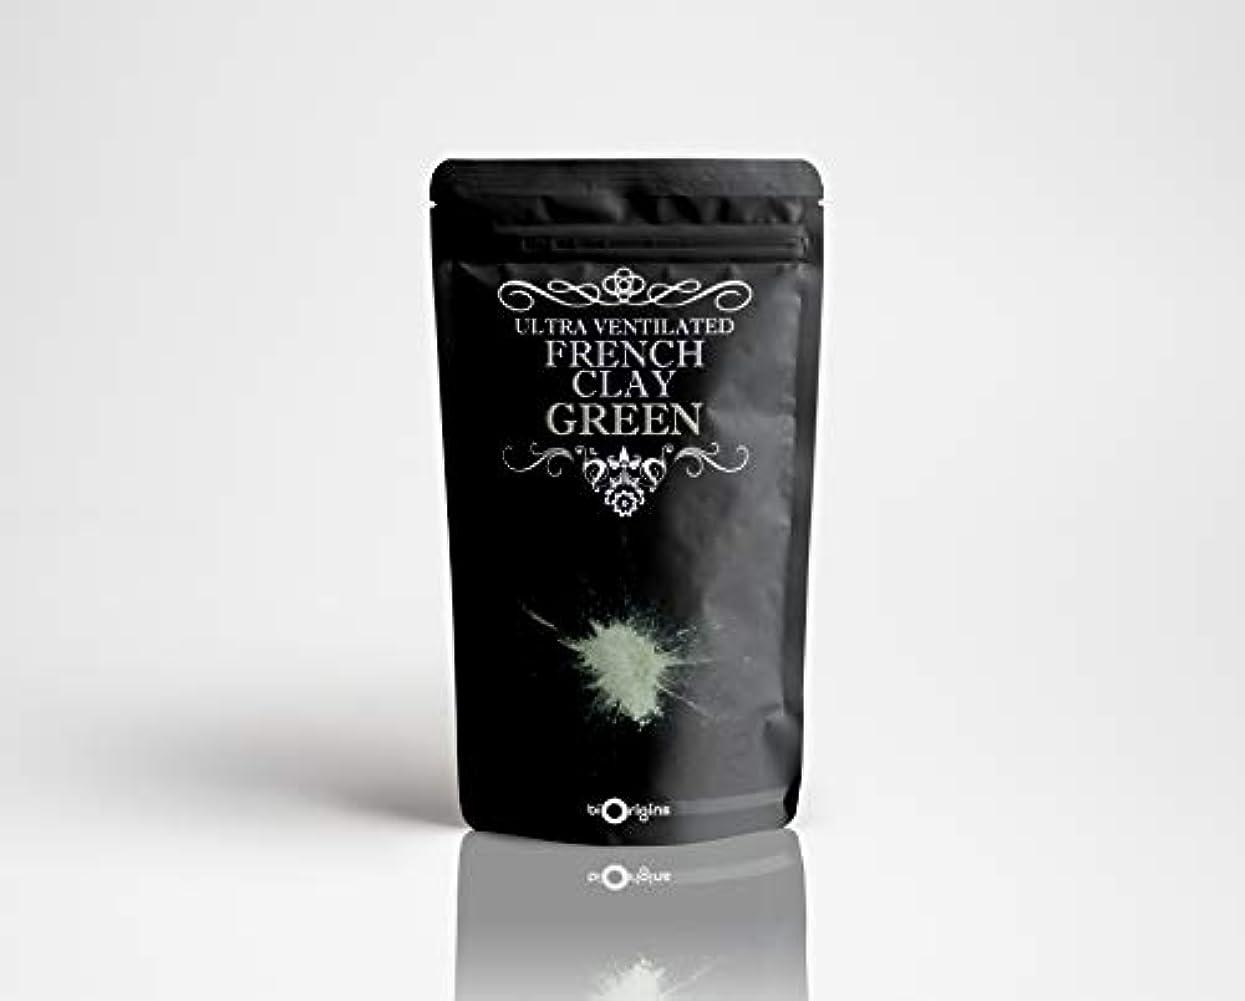 レトルト歩き回る笑いGreen Ultra Ventilated French Clay - 100g